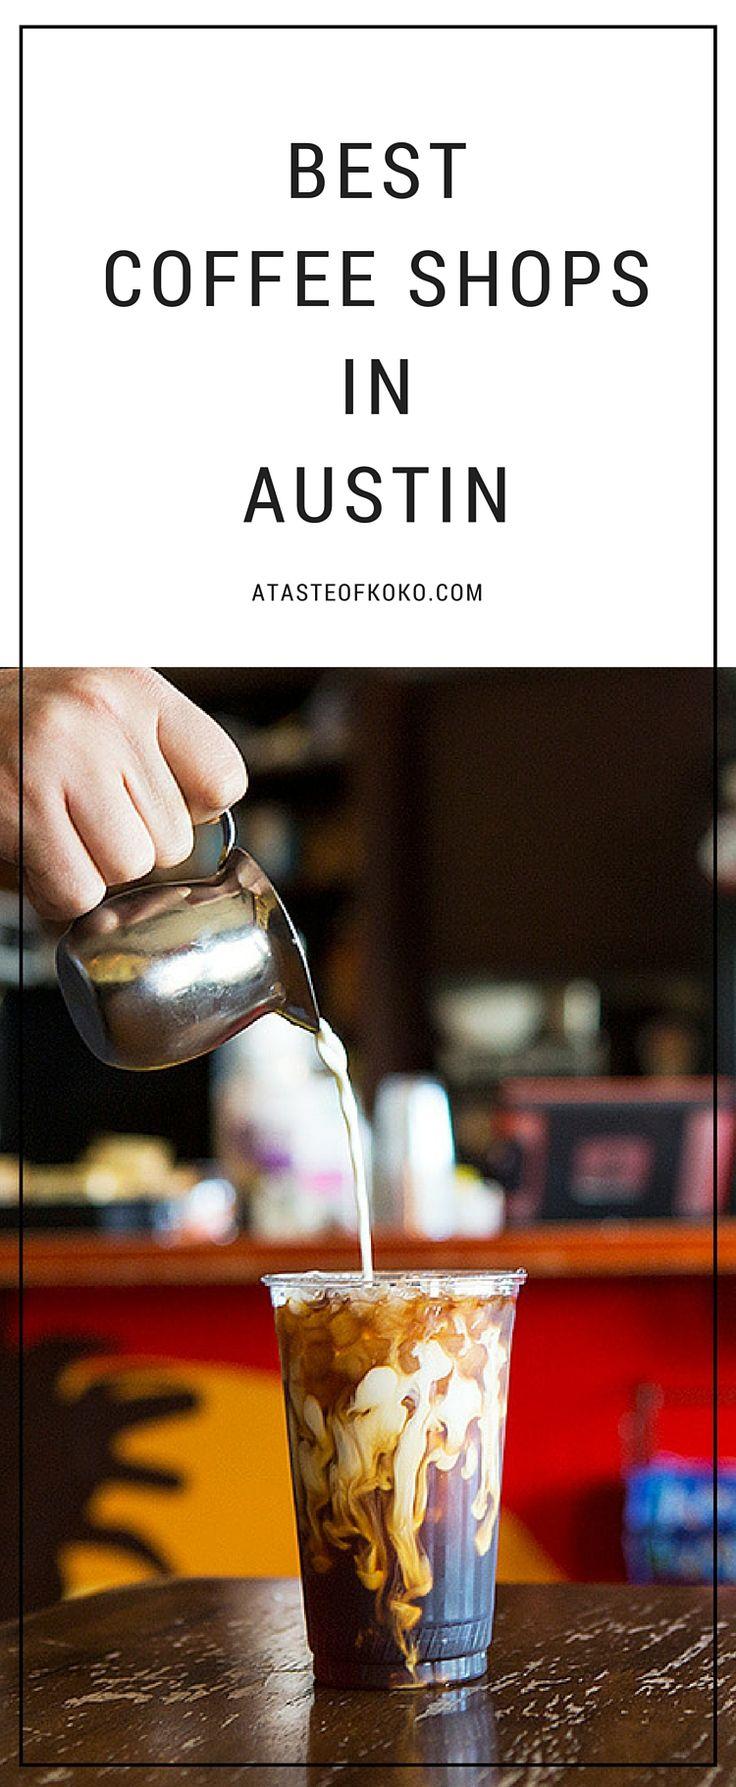 Best Coffee Shops In Austin | A Taste of Koko